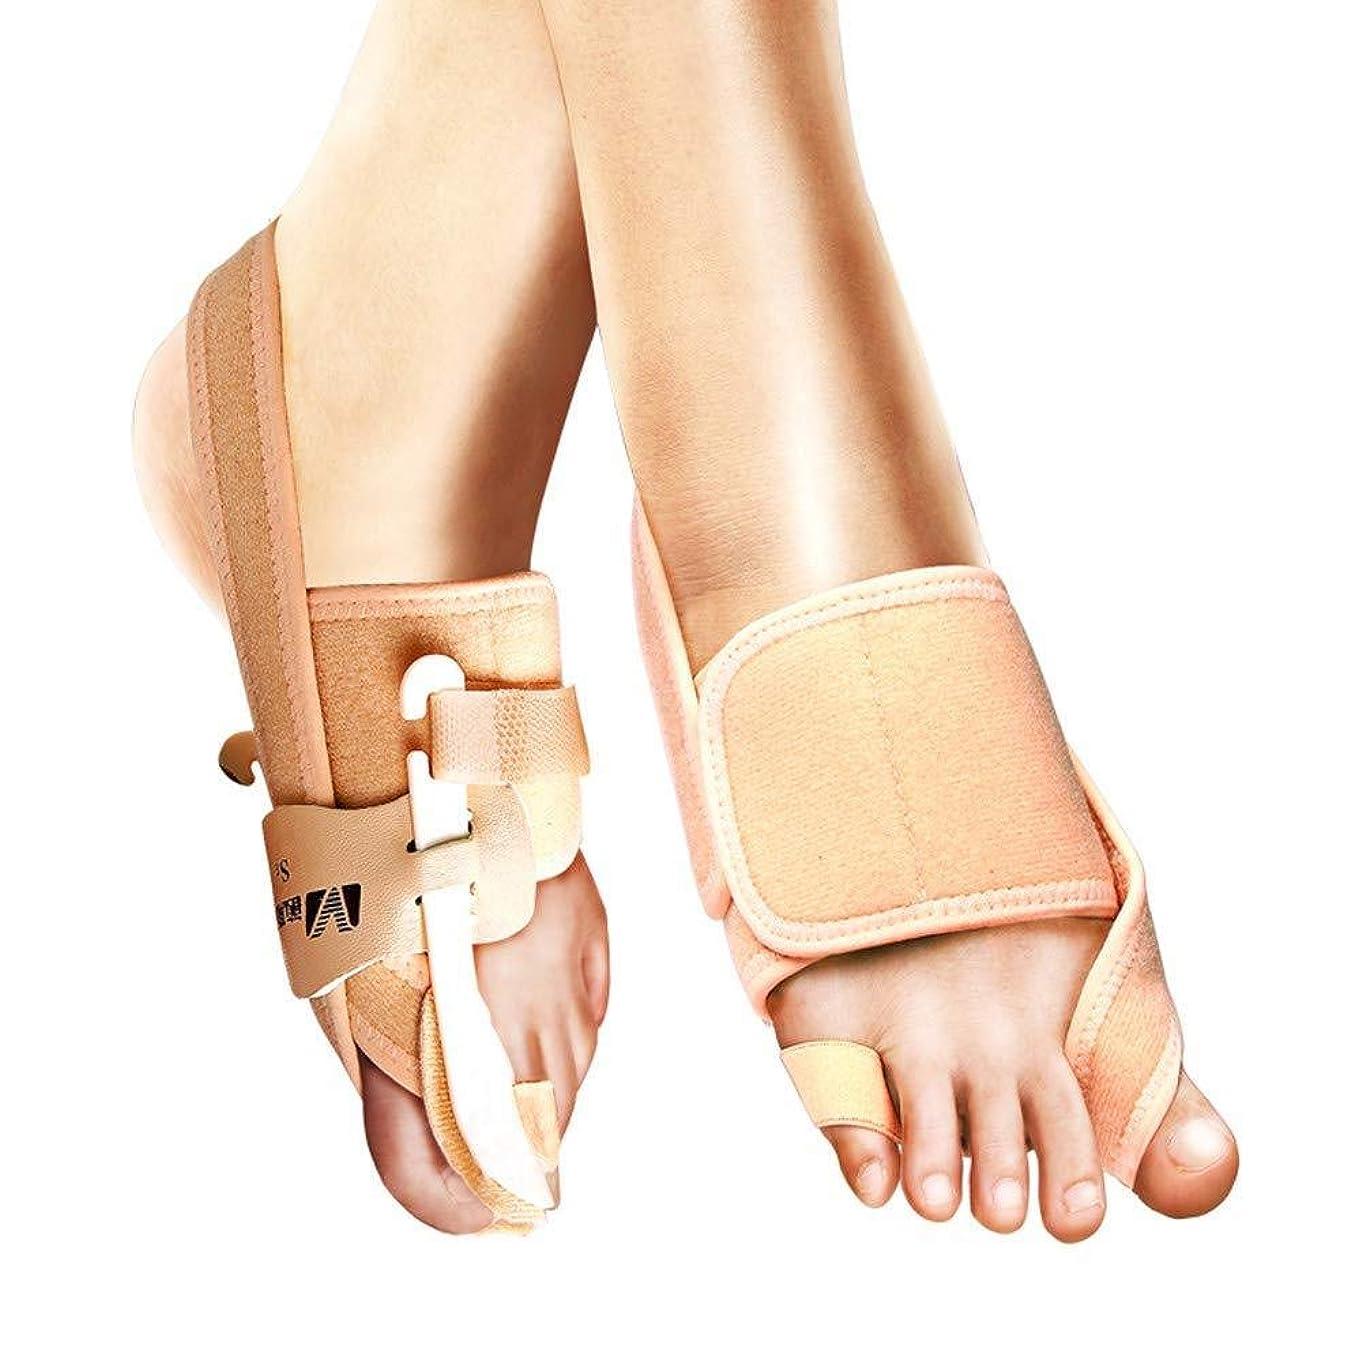 侮辱混合した天窓外反母for用の足の親指の矯正、男性と女性用の昼と夜のキット、痛みを和らげるジェルつま先セパレータ,RightFoot-22-24cm